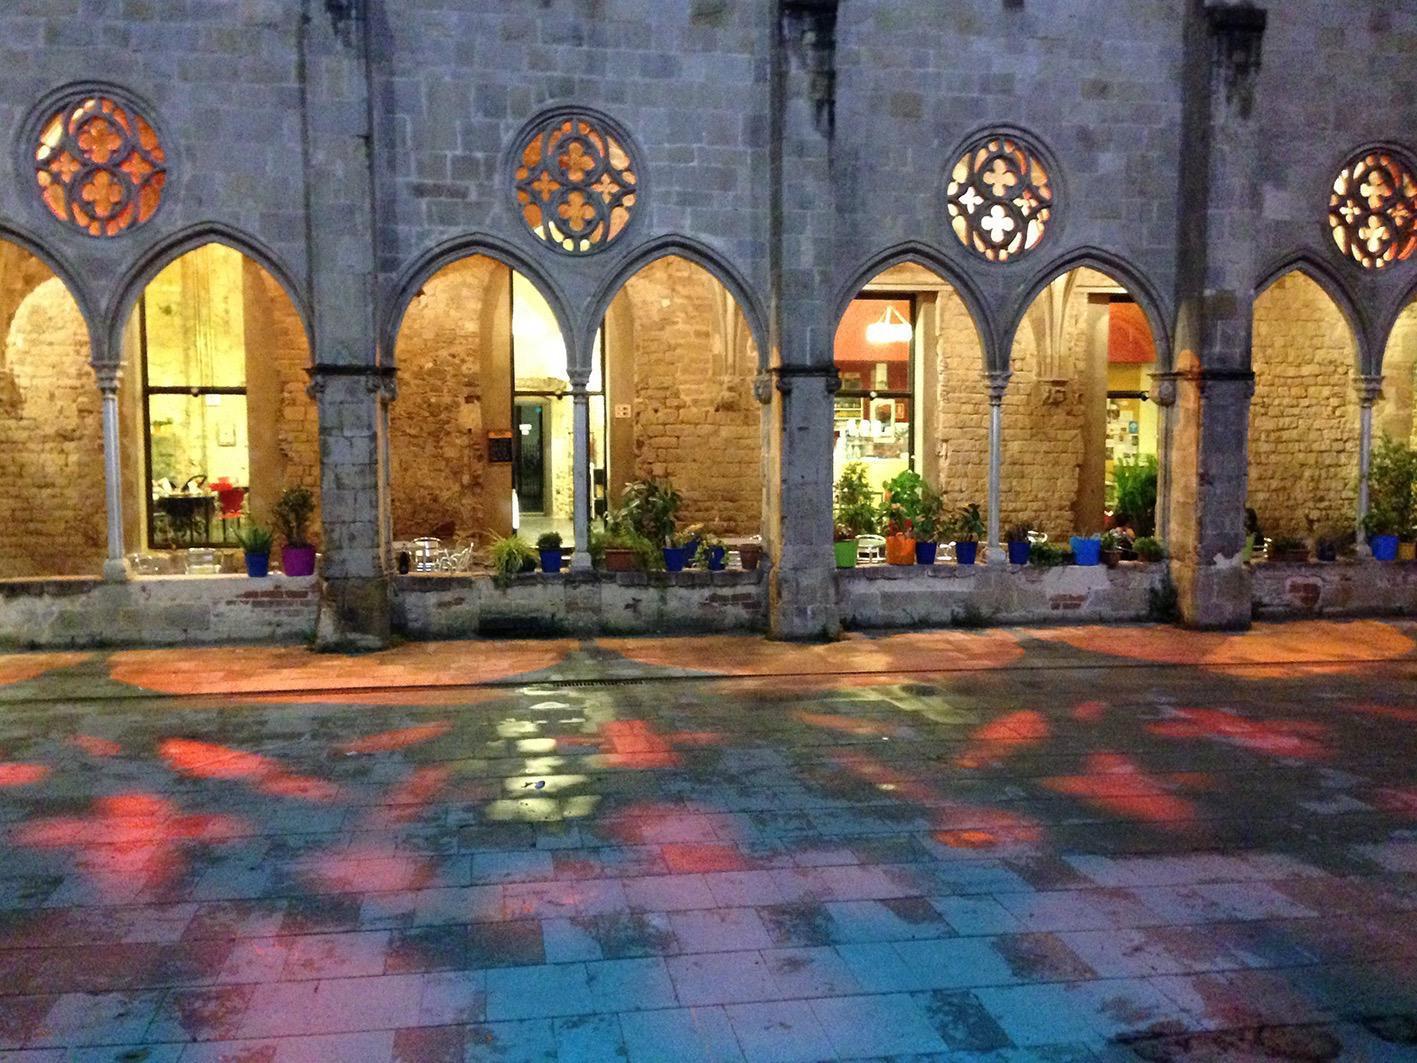 Convent de sant agusti vell, Barcelona, Spain